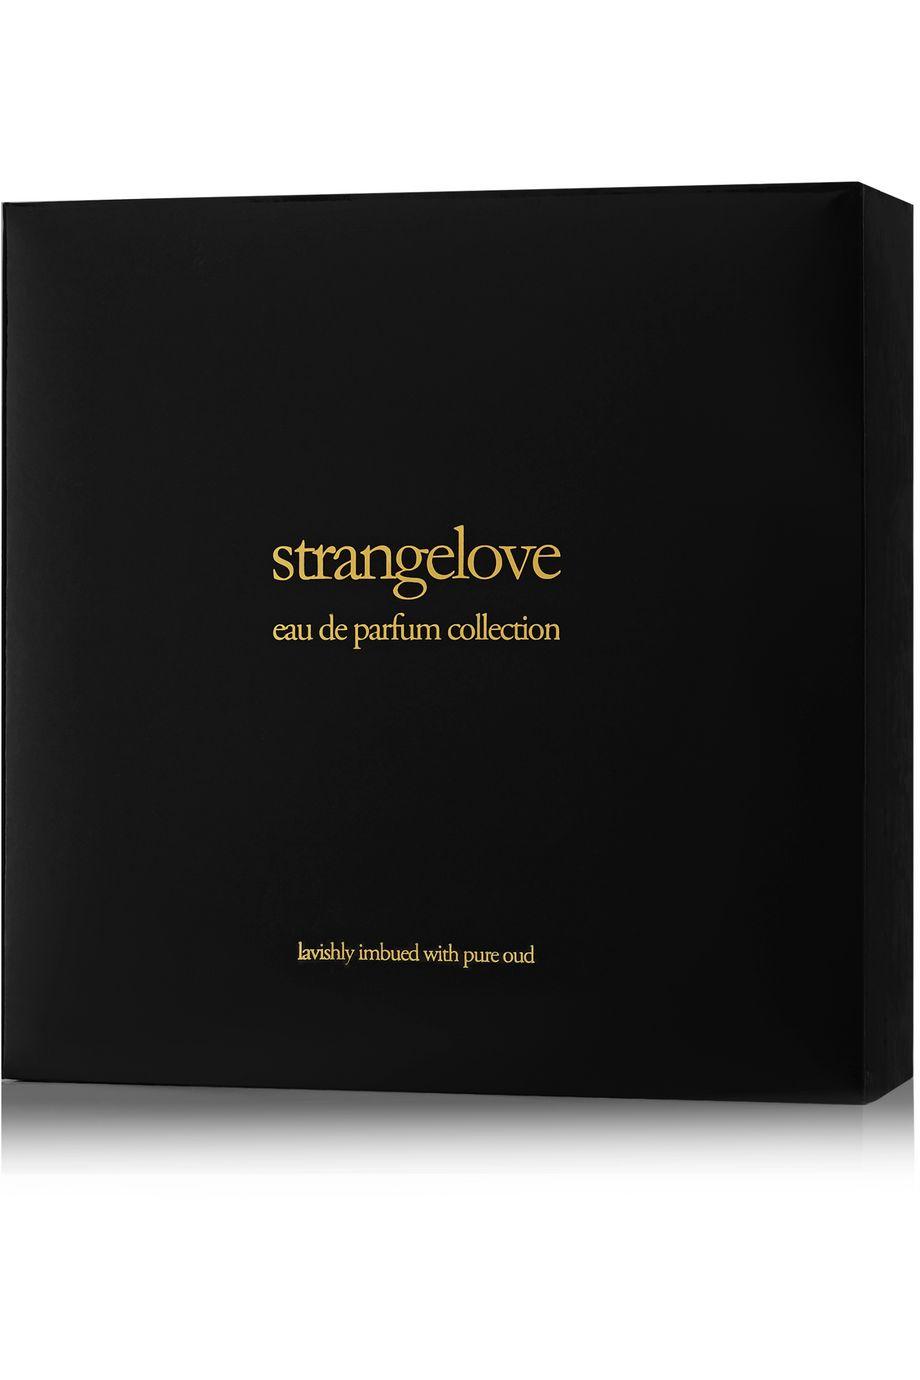 strangelove nyc Eau de Parfum Collection, 4 x 15ml